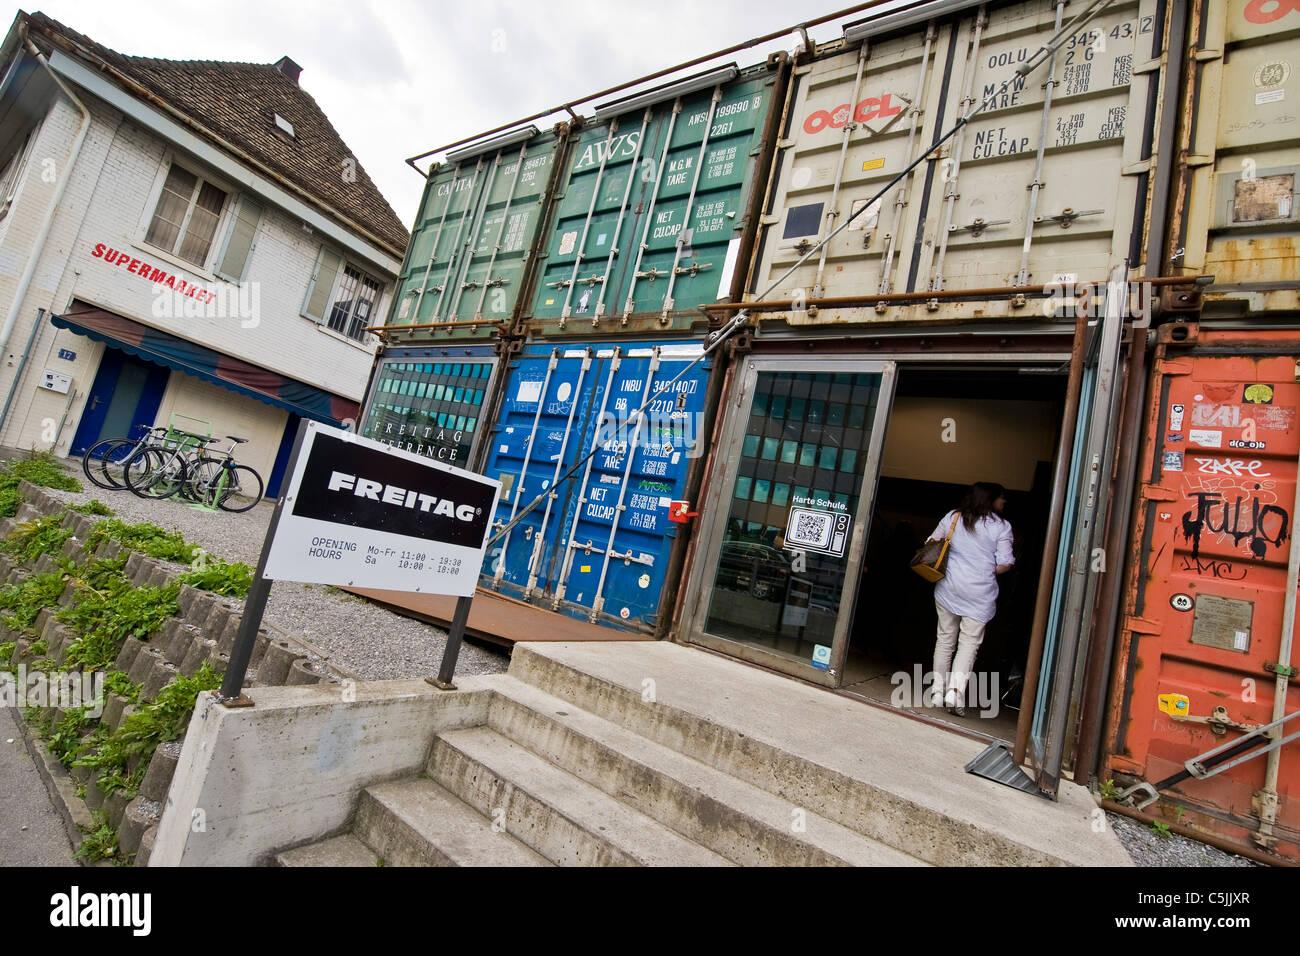 What to buy in zurich switzerland